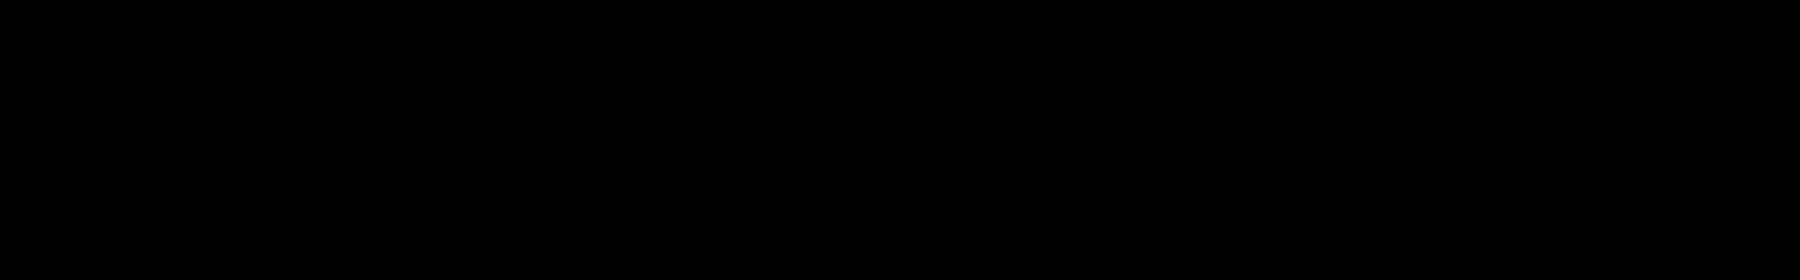 Black Spider VST (WIN   MAC  AU) audio waveform